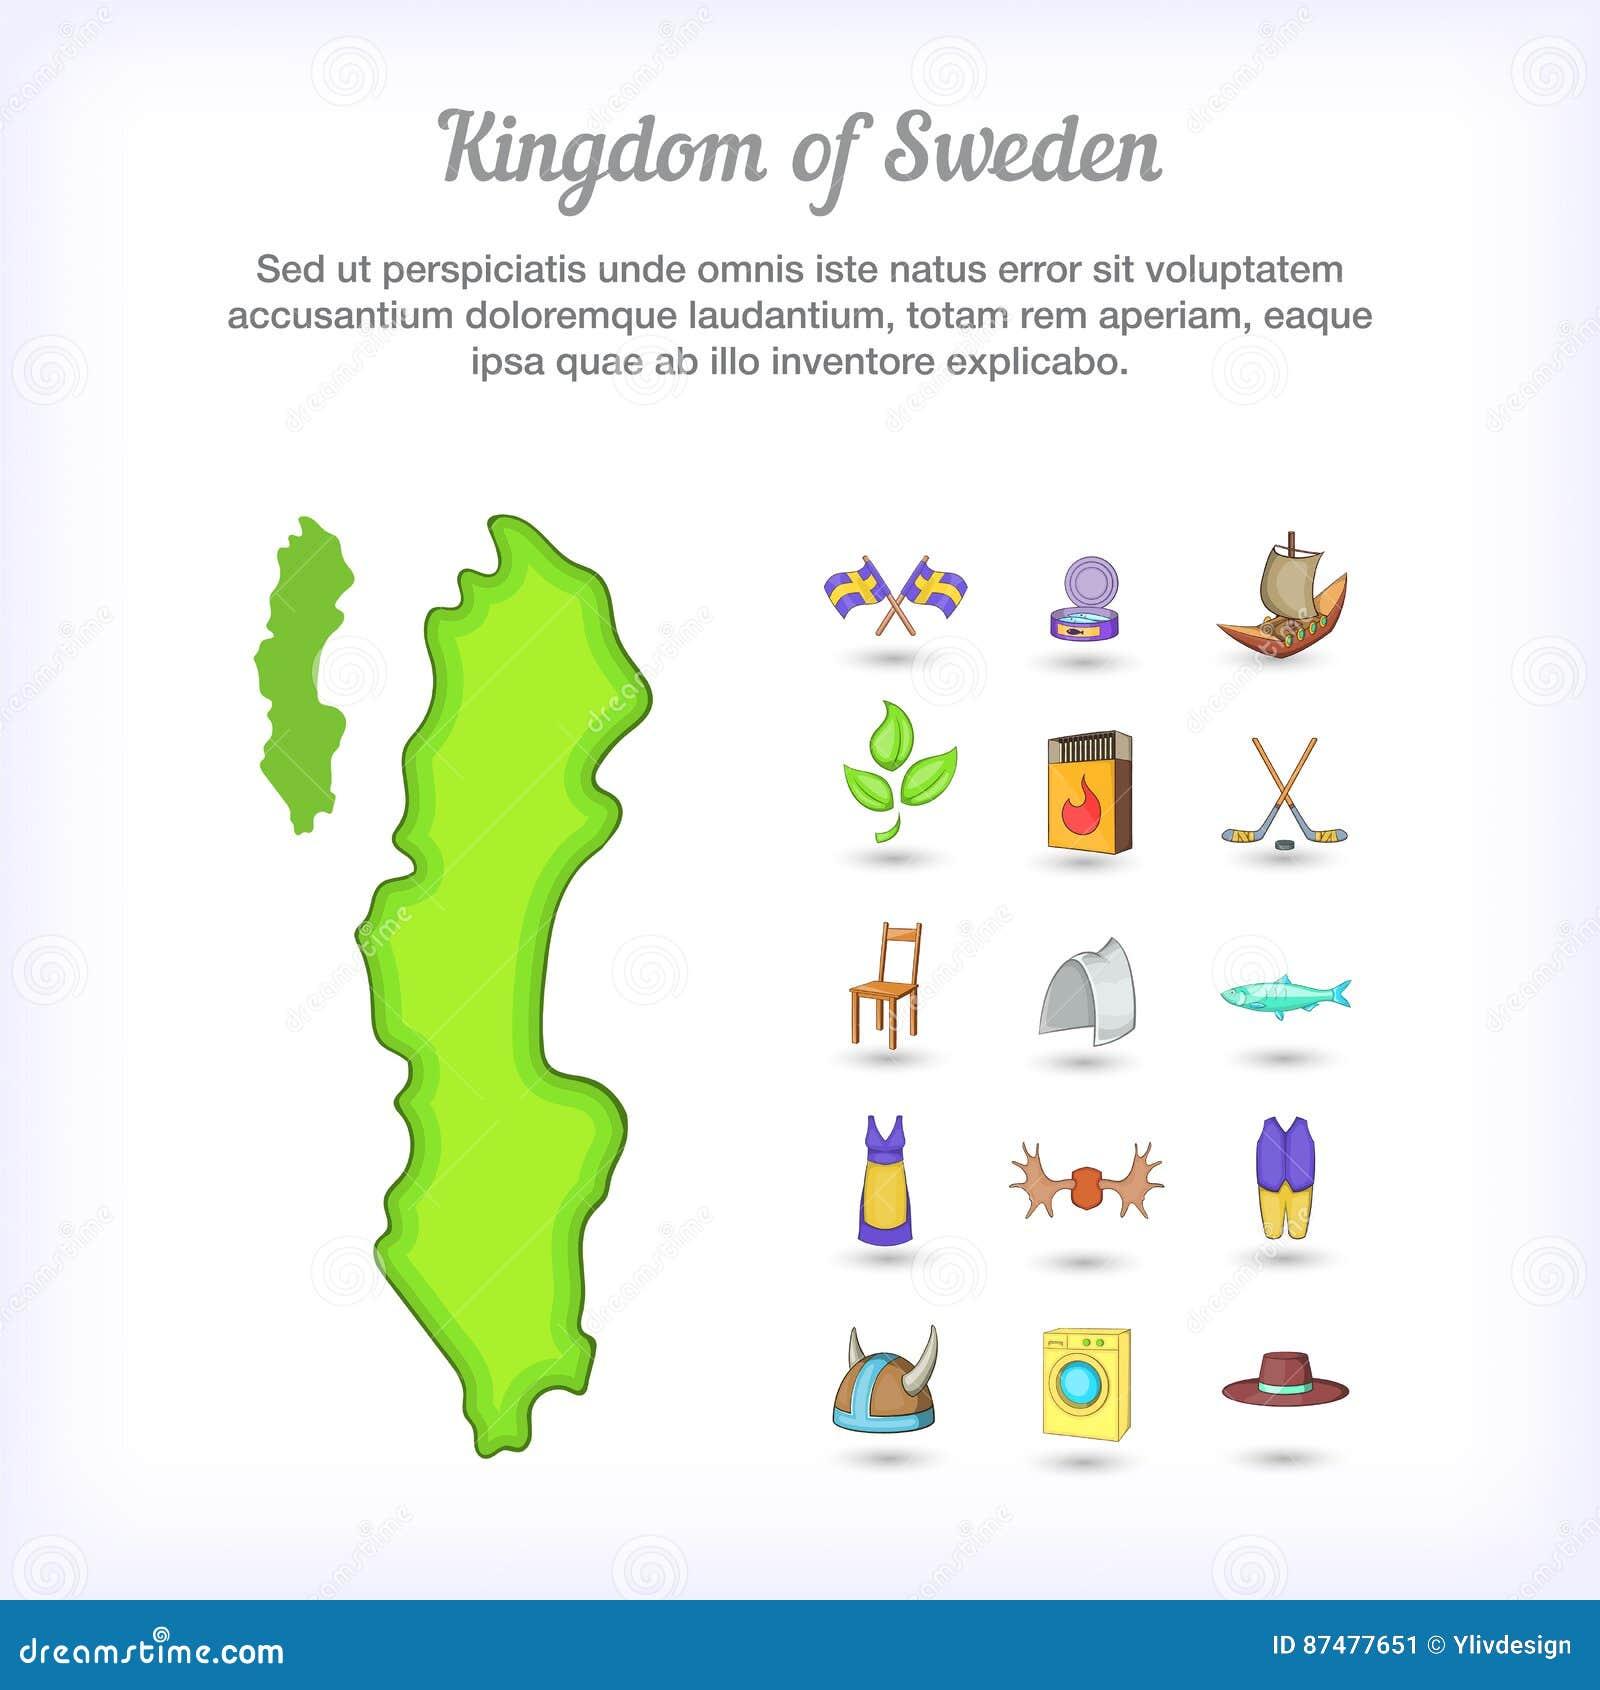 Королевство концепции Швеции, стиль шаржа